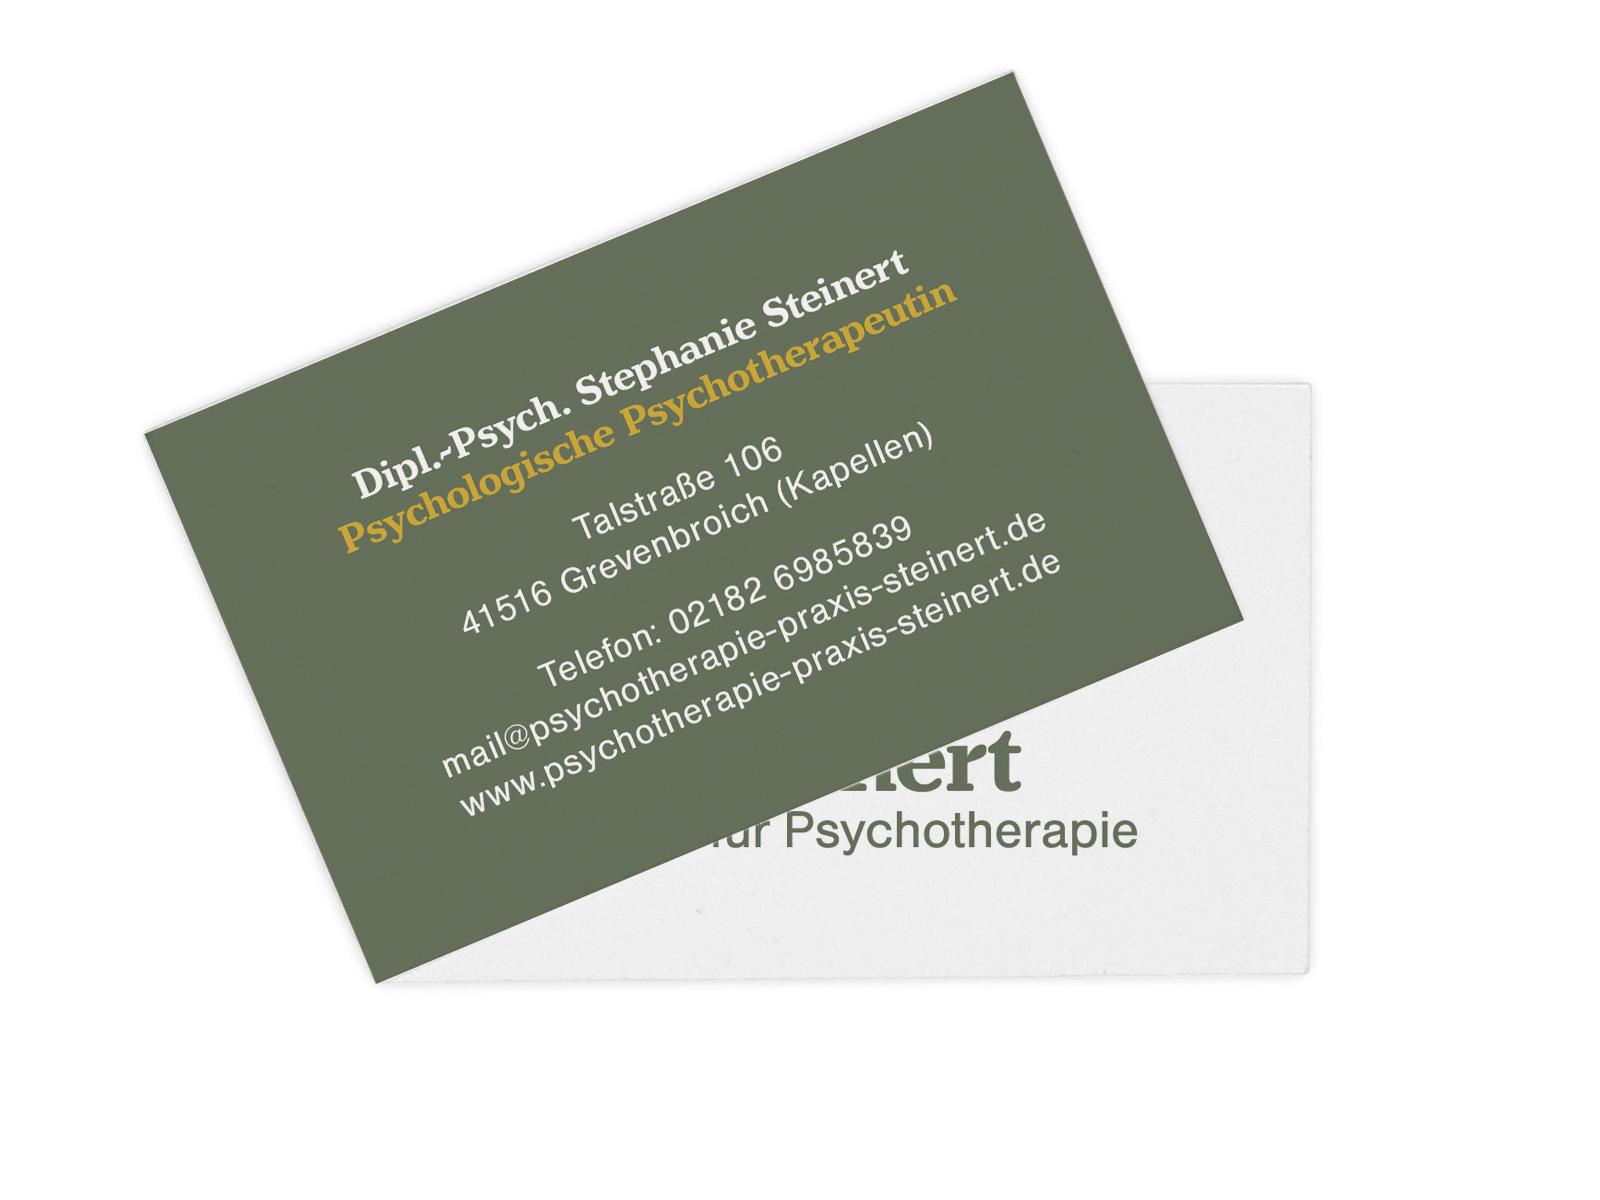 Designbüro Mittelsdorf Psychotherapie Steinert → Corporate Design, Webseite